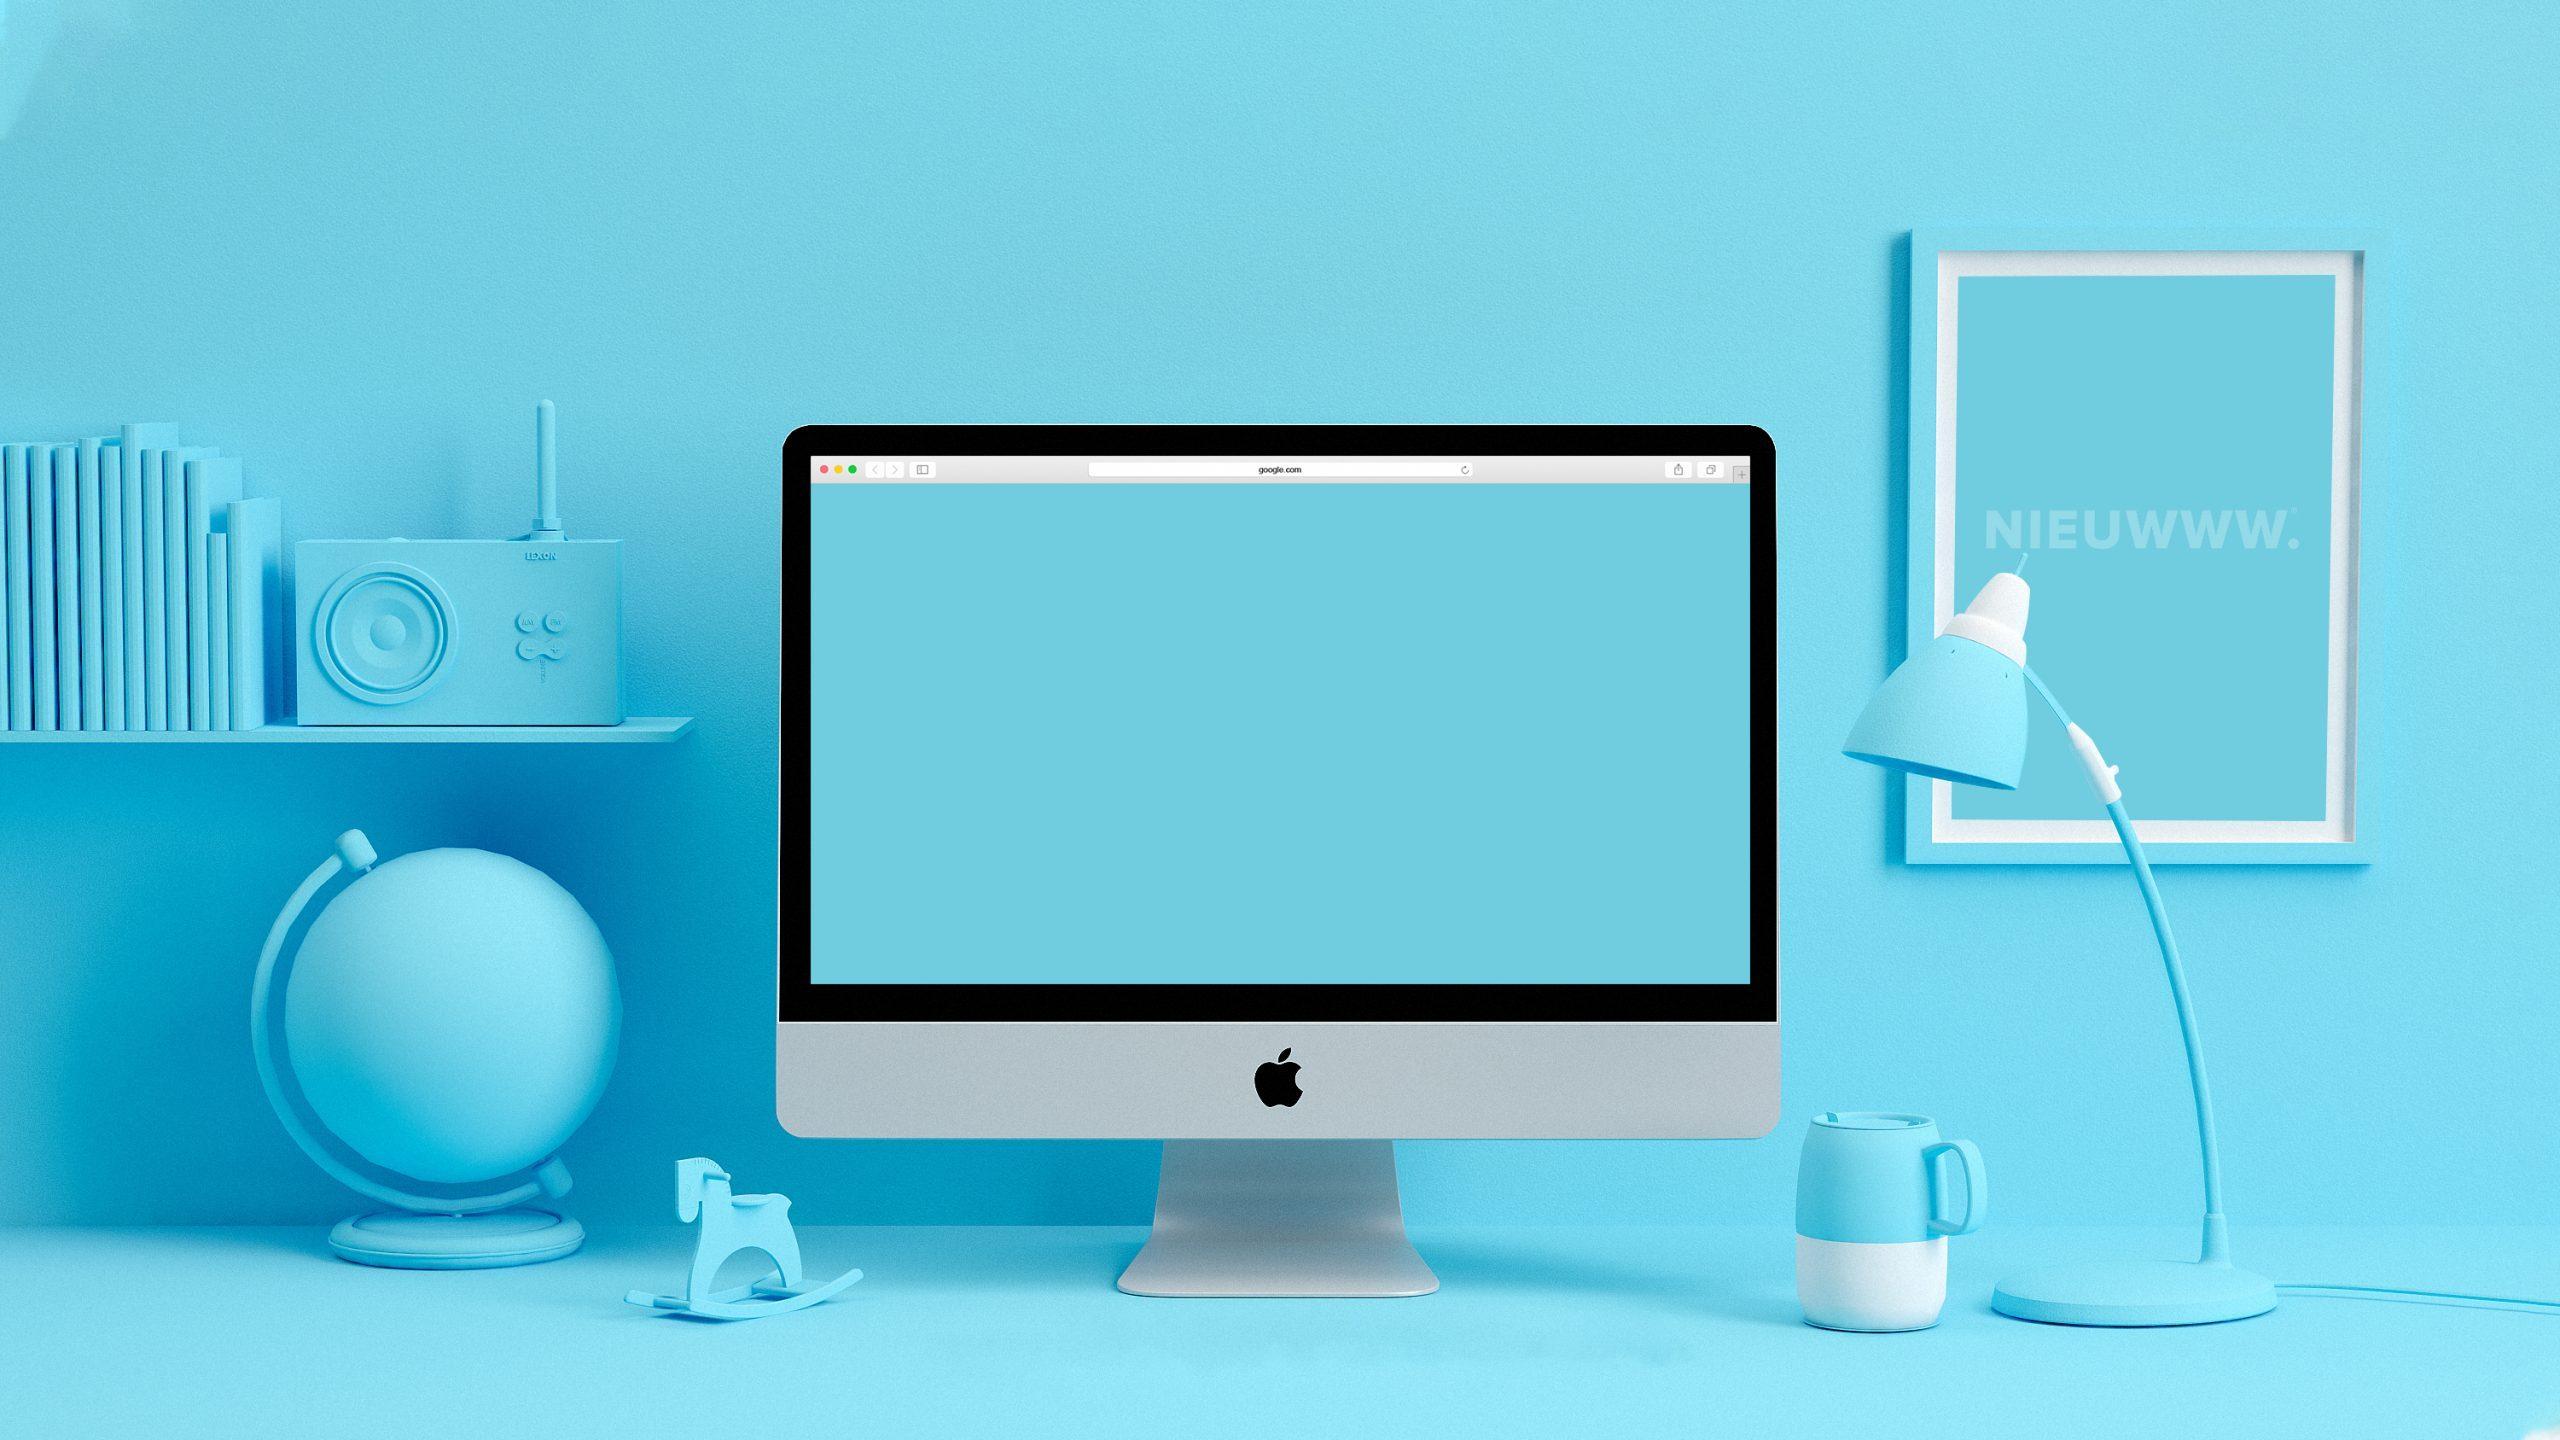 DesktopBg_v2